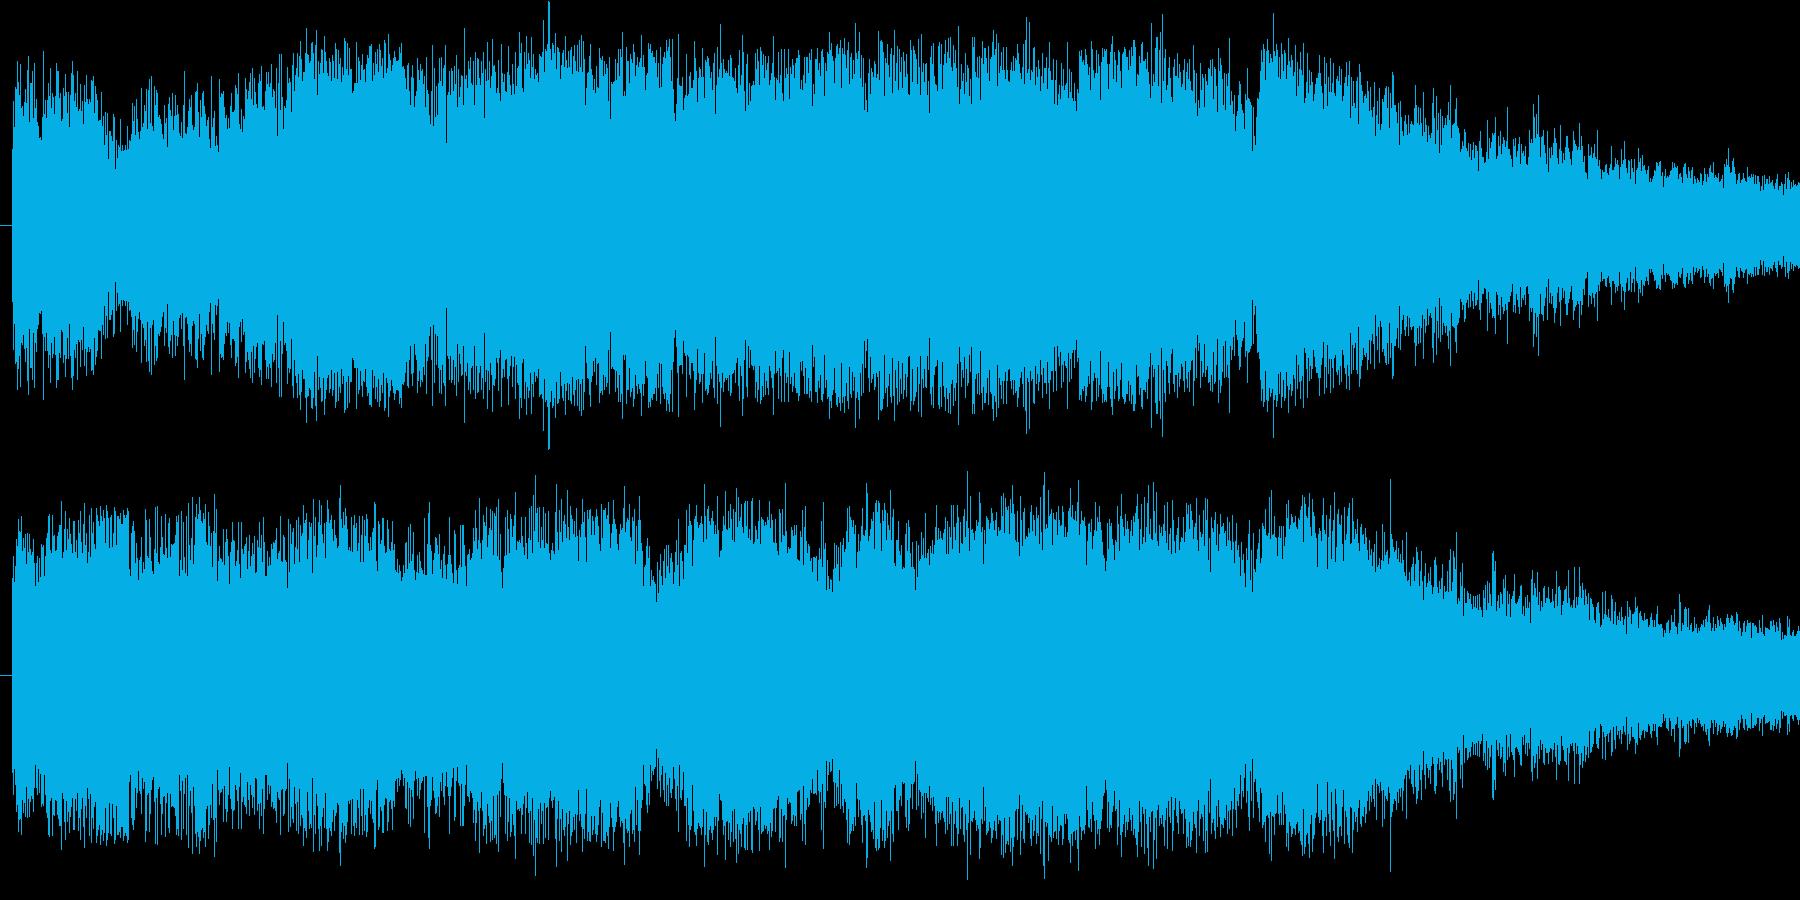 ドイツ新幹線ICE 発車音の再生済みの波形